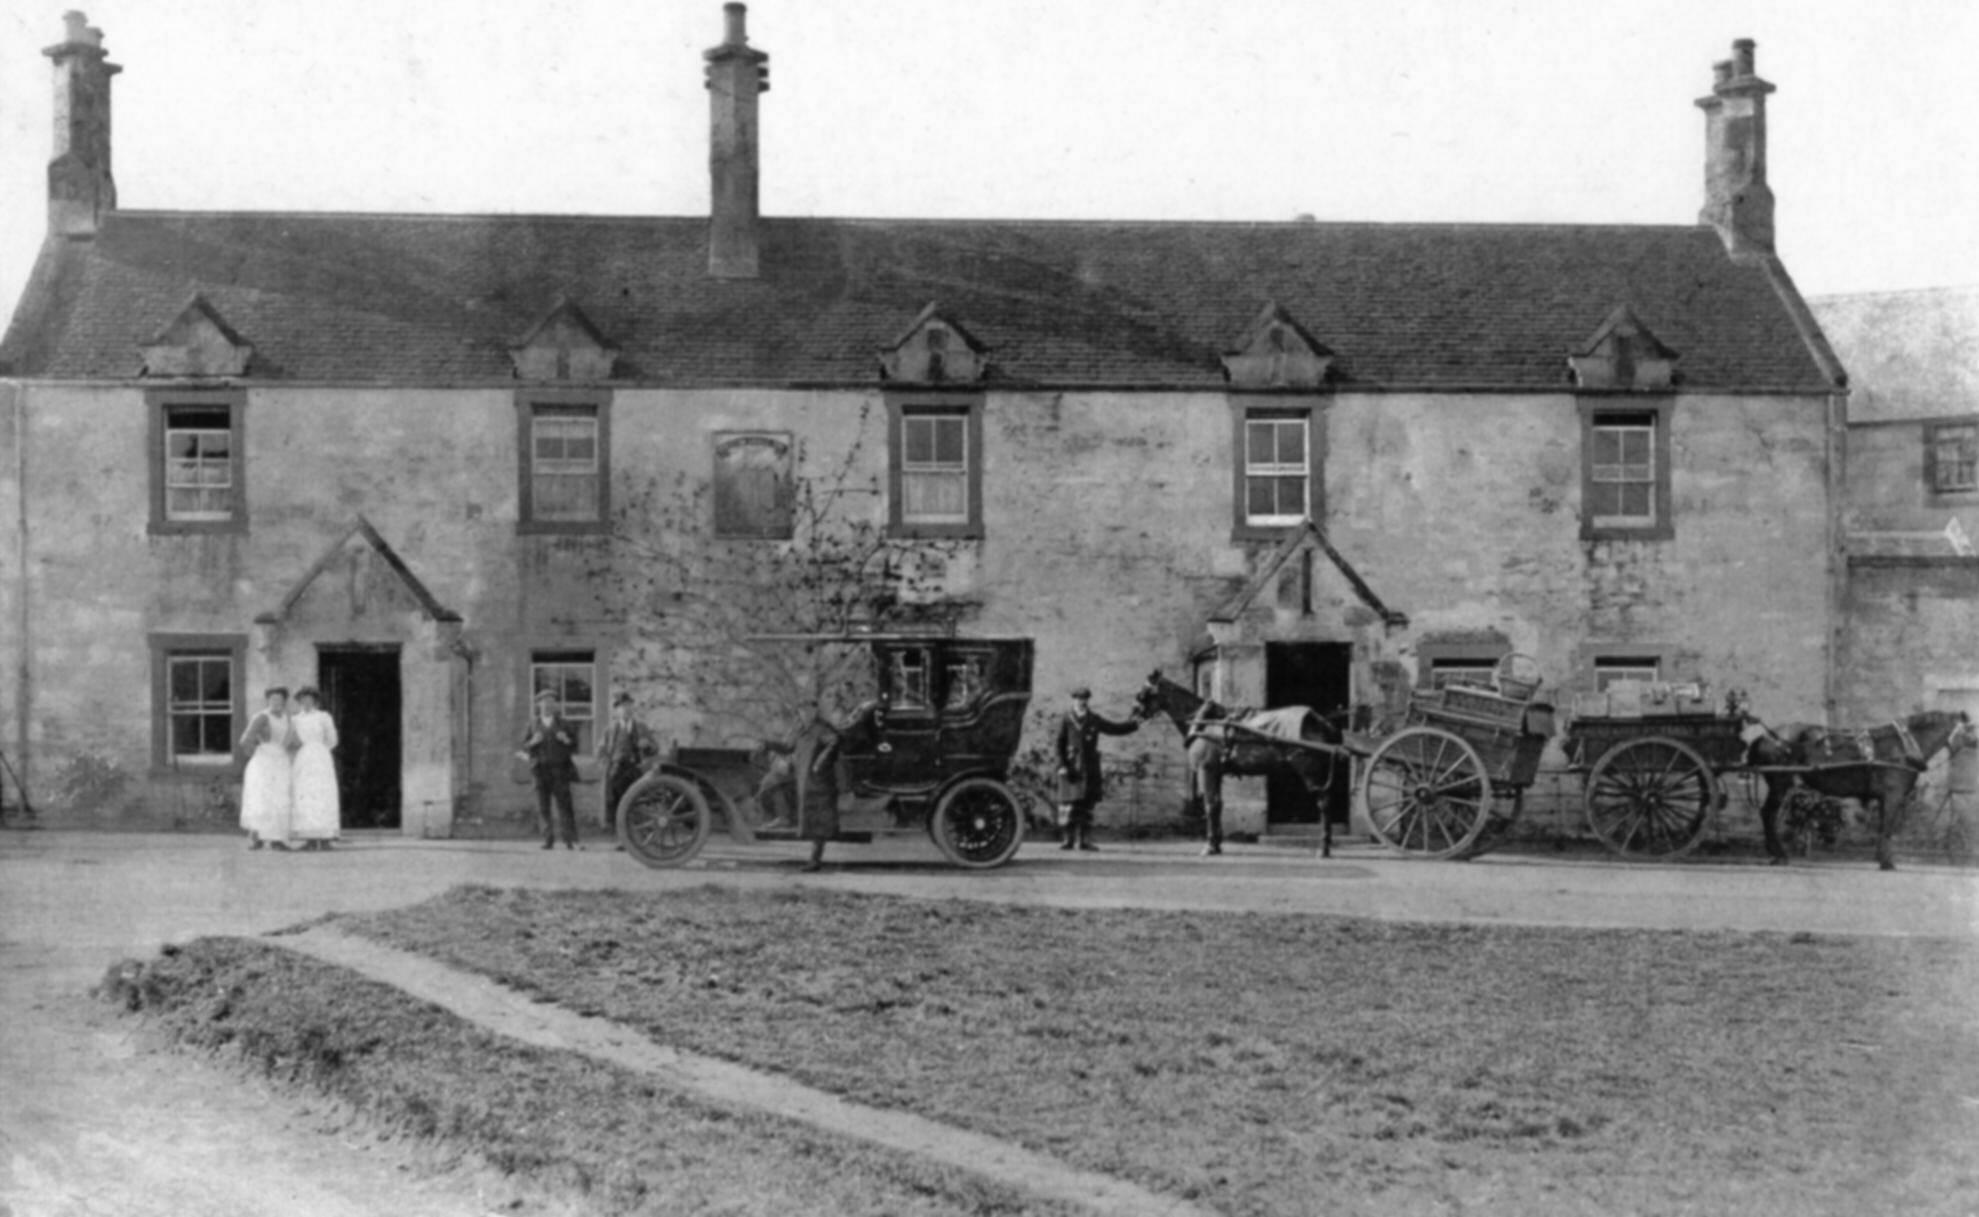 The Castle Inn, Dirleton, 1905.